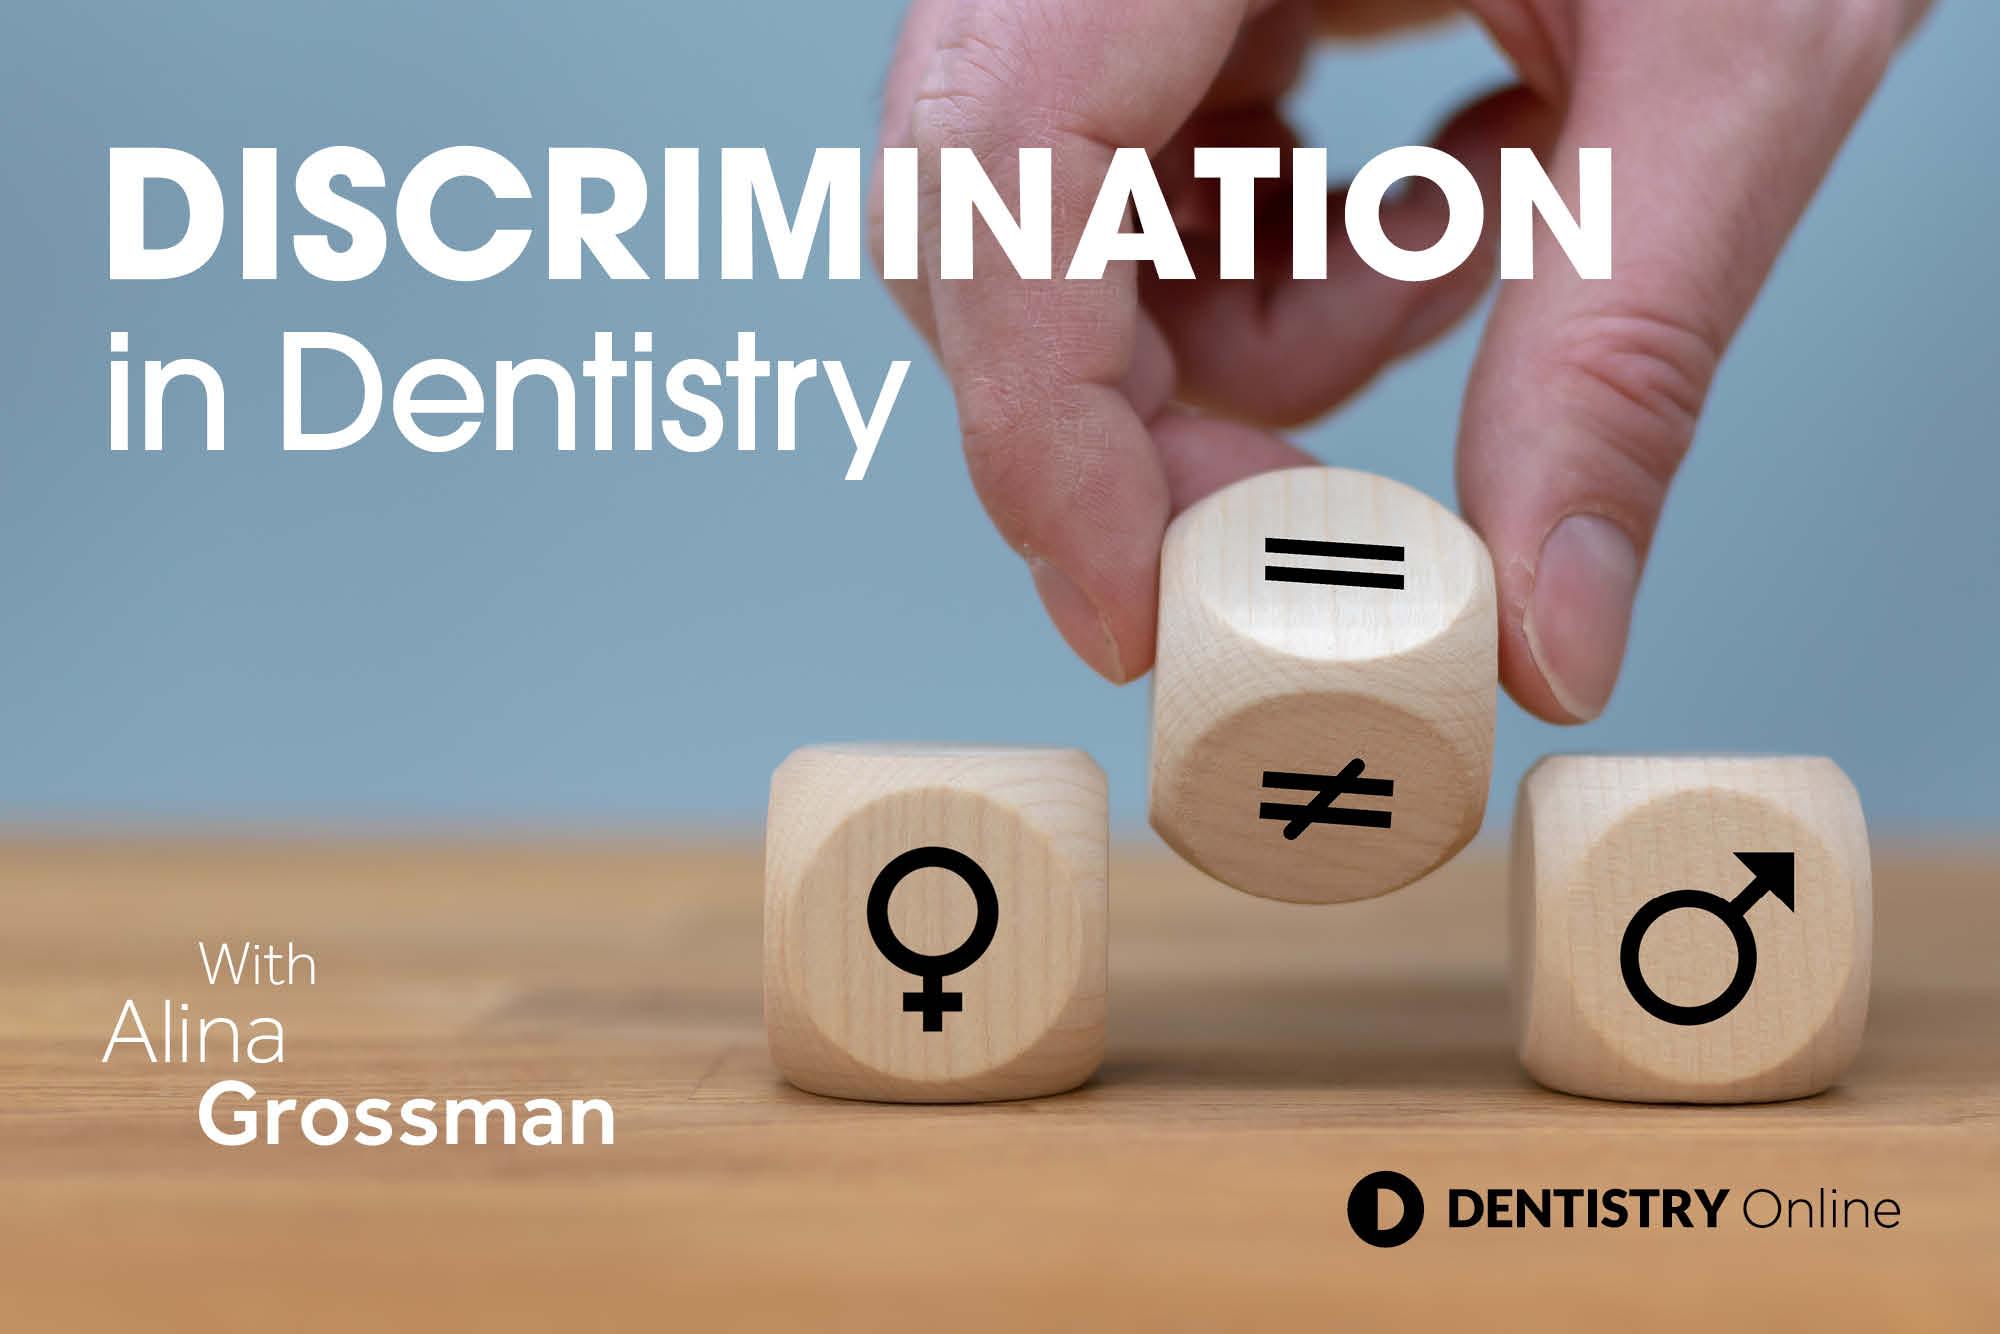 Discrimination in Dentistry – Alina Grossman